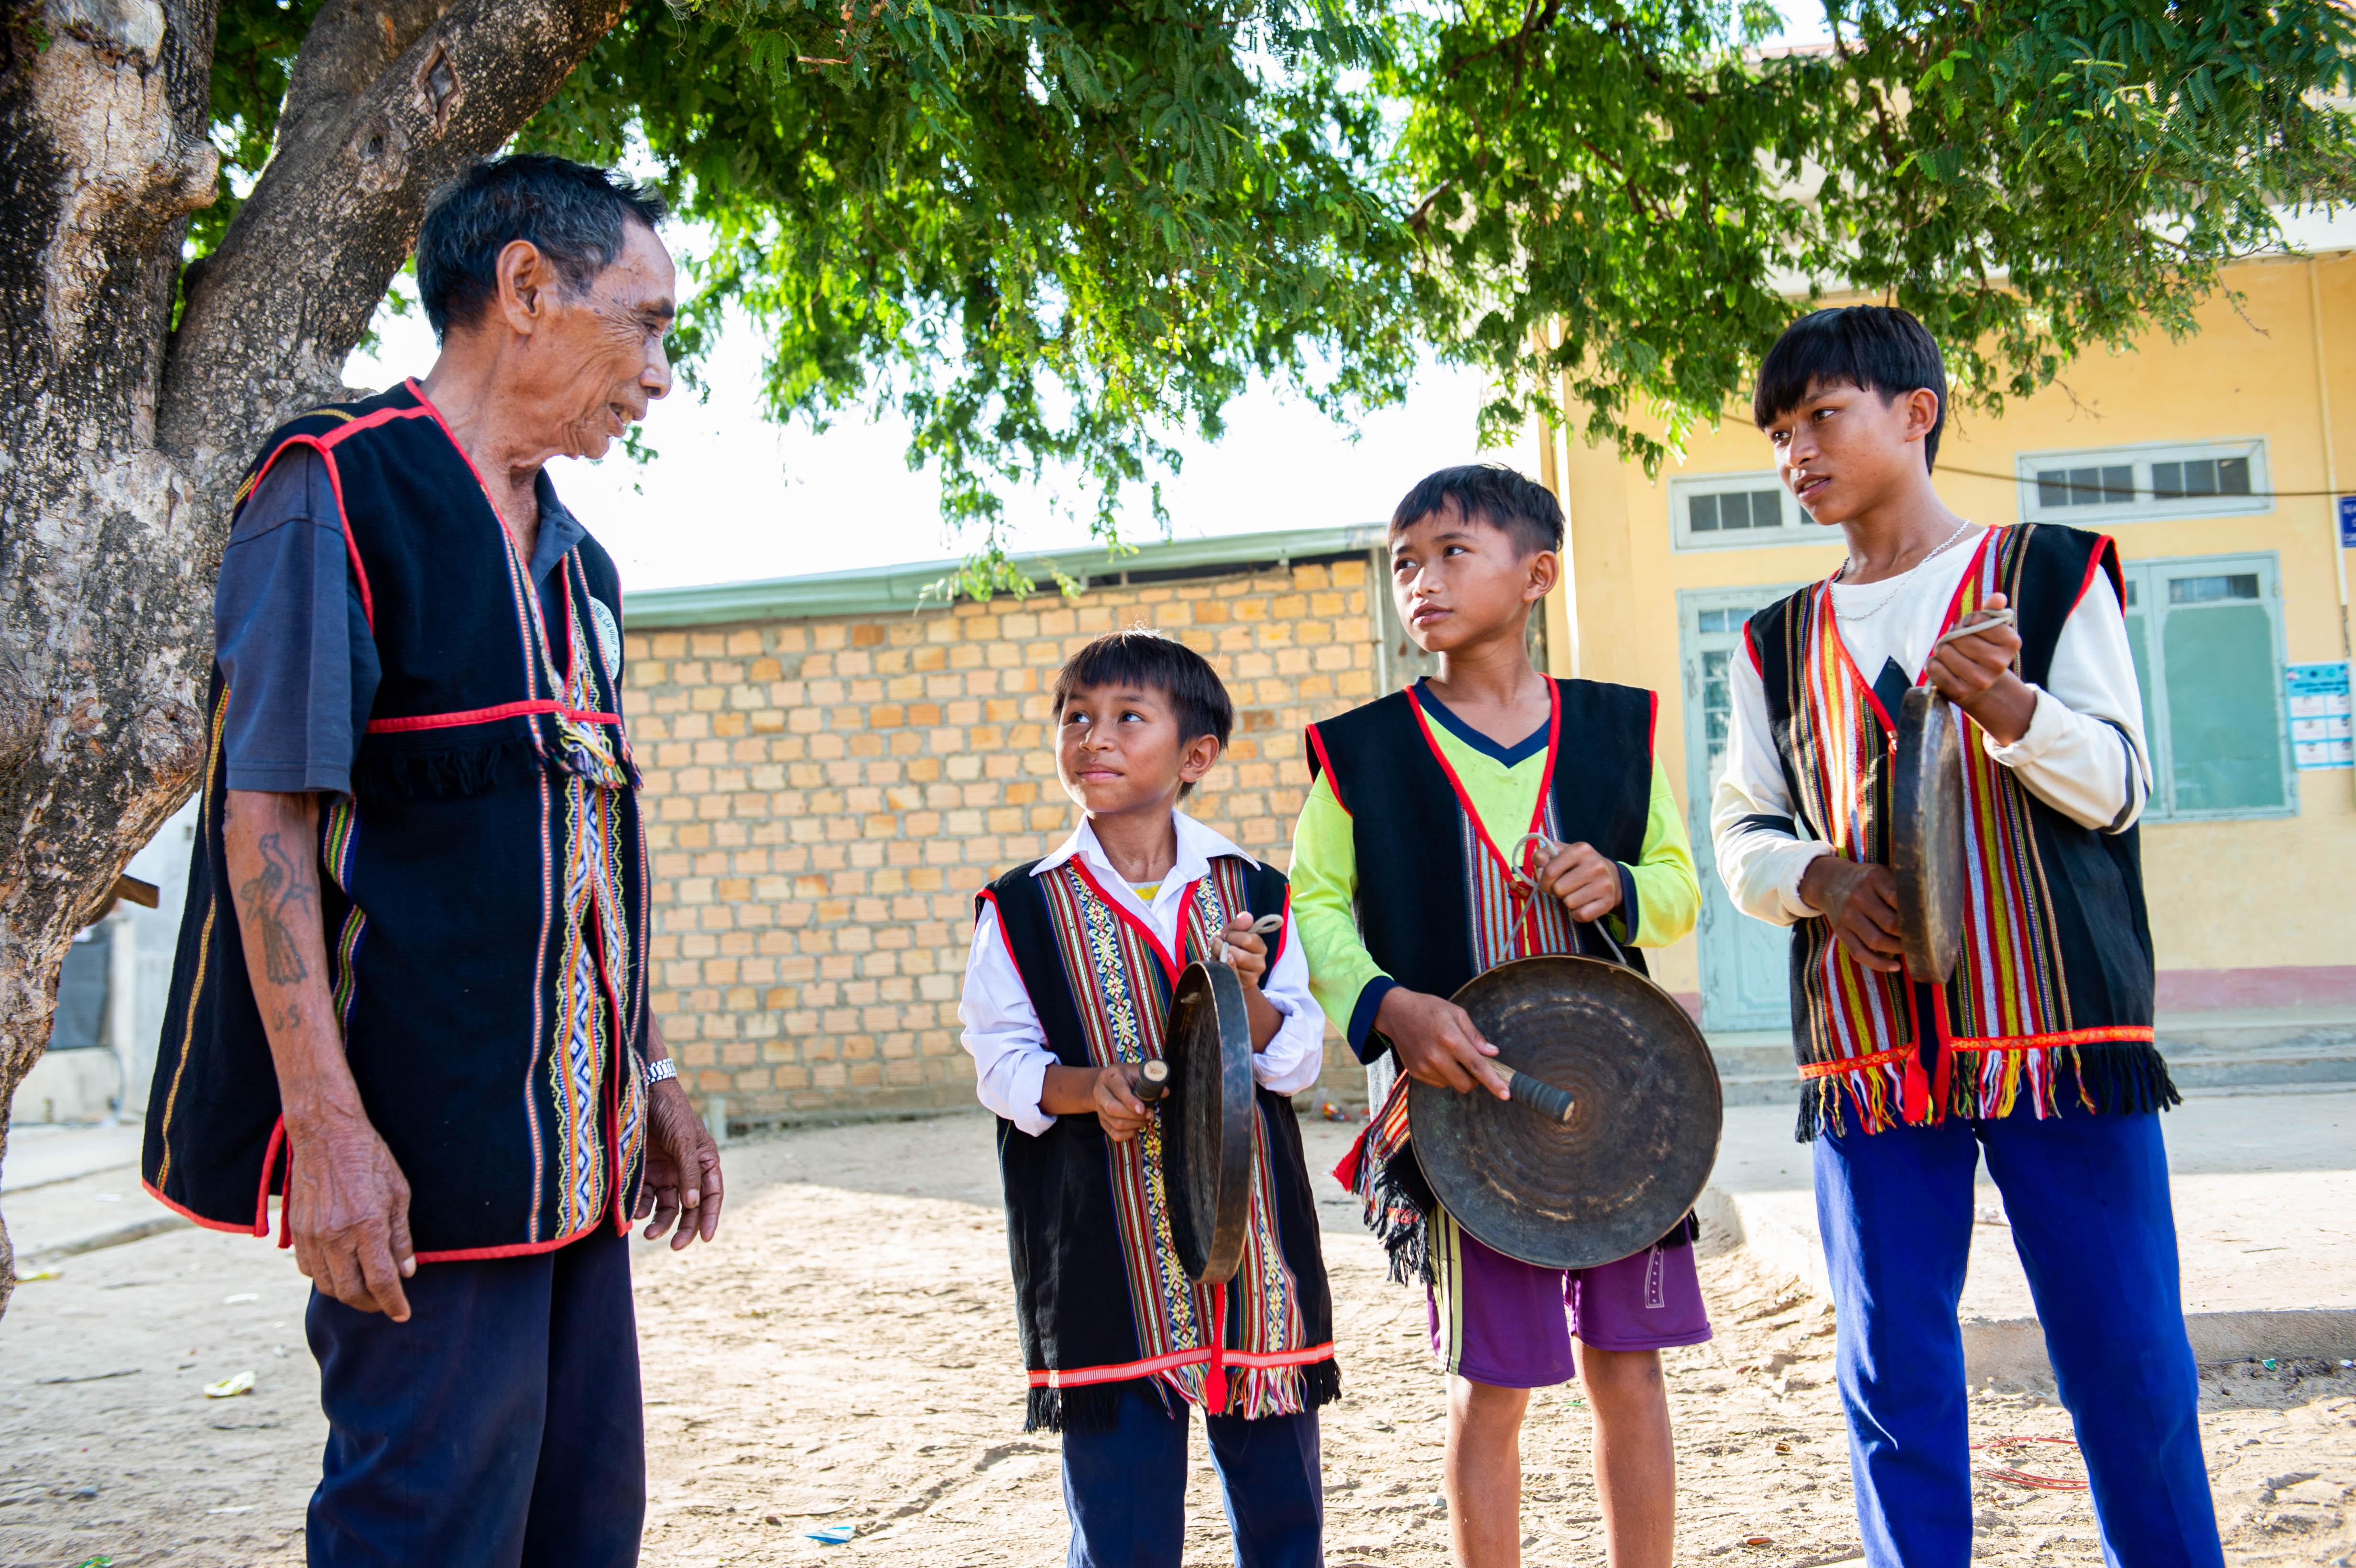 Nghệ nhân A Khiu truyền dạy cồng chiêng cho thế hệ trẻ trong làng. Ảnh: ĐT